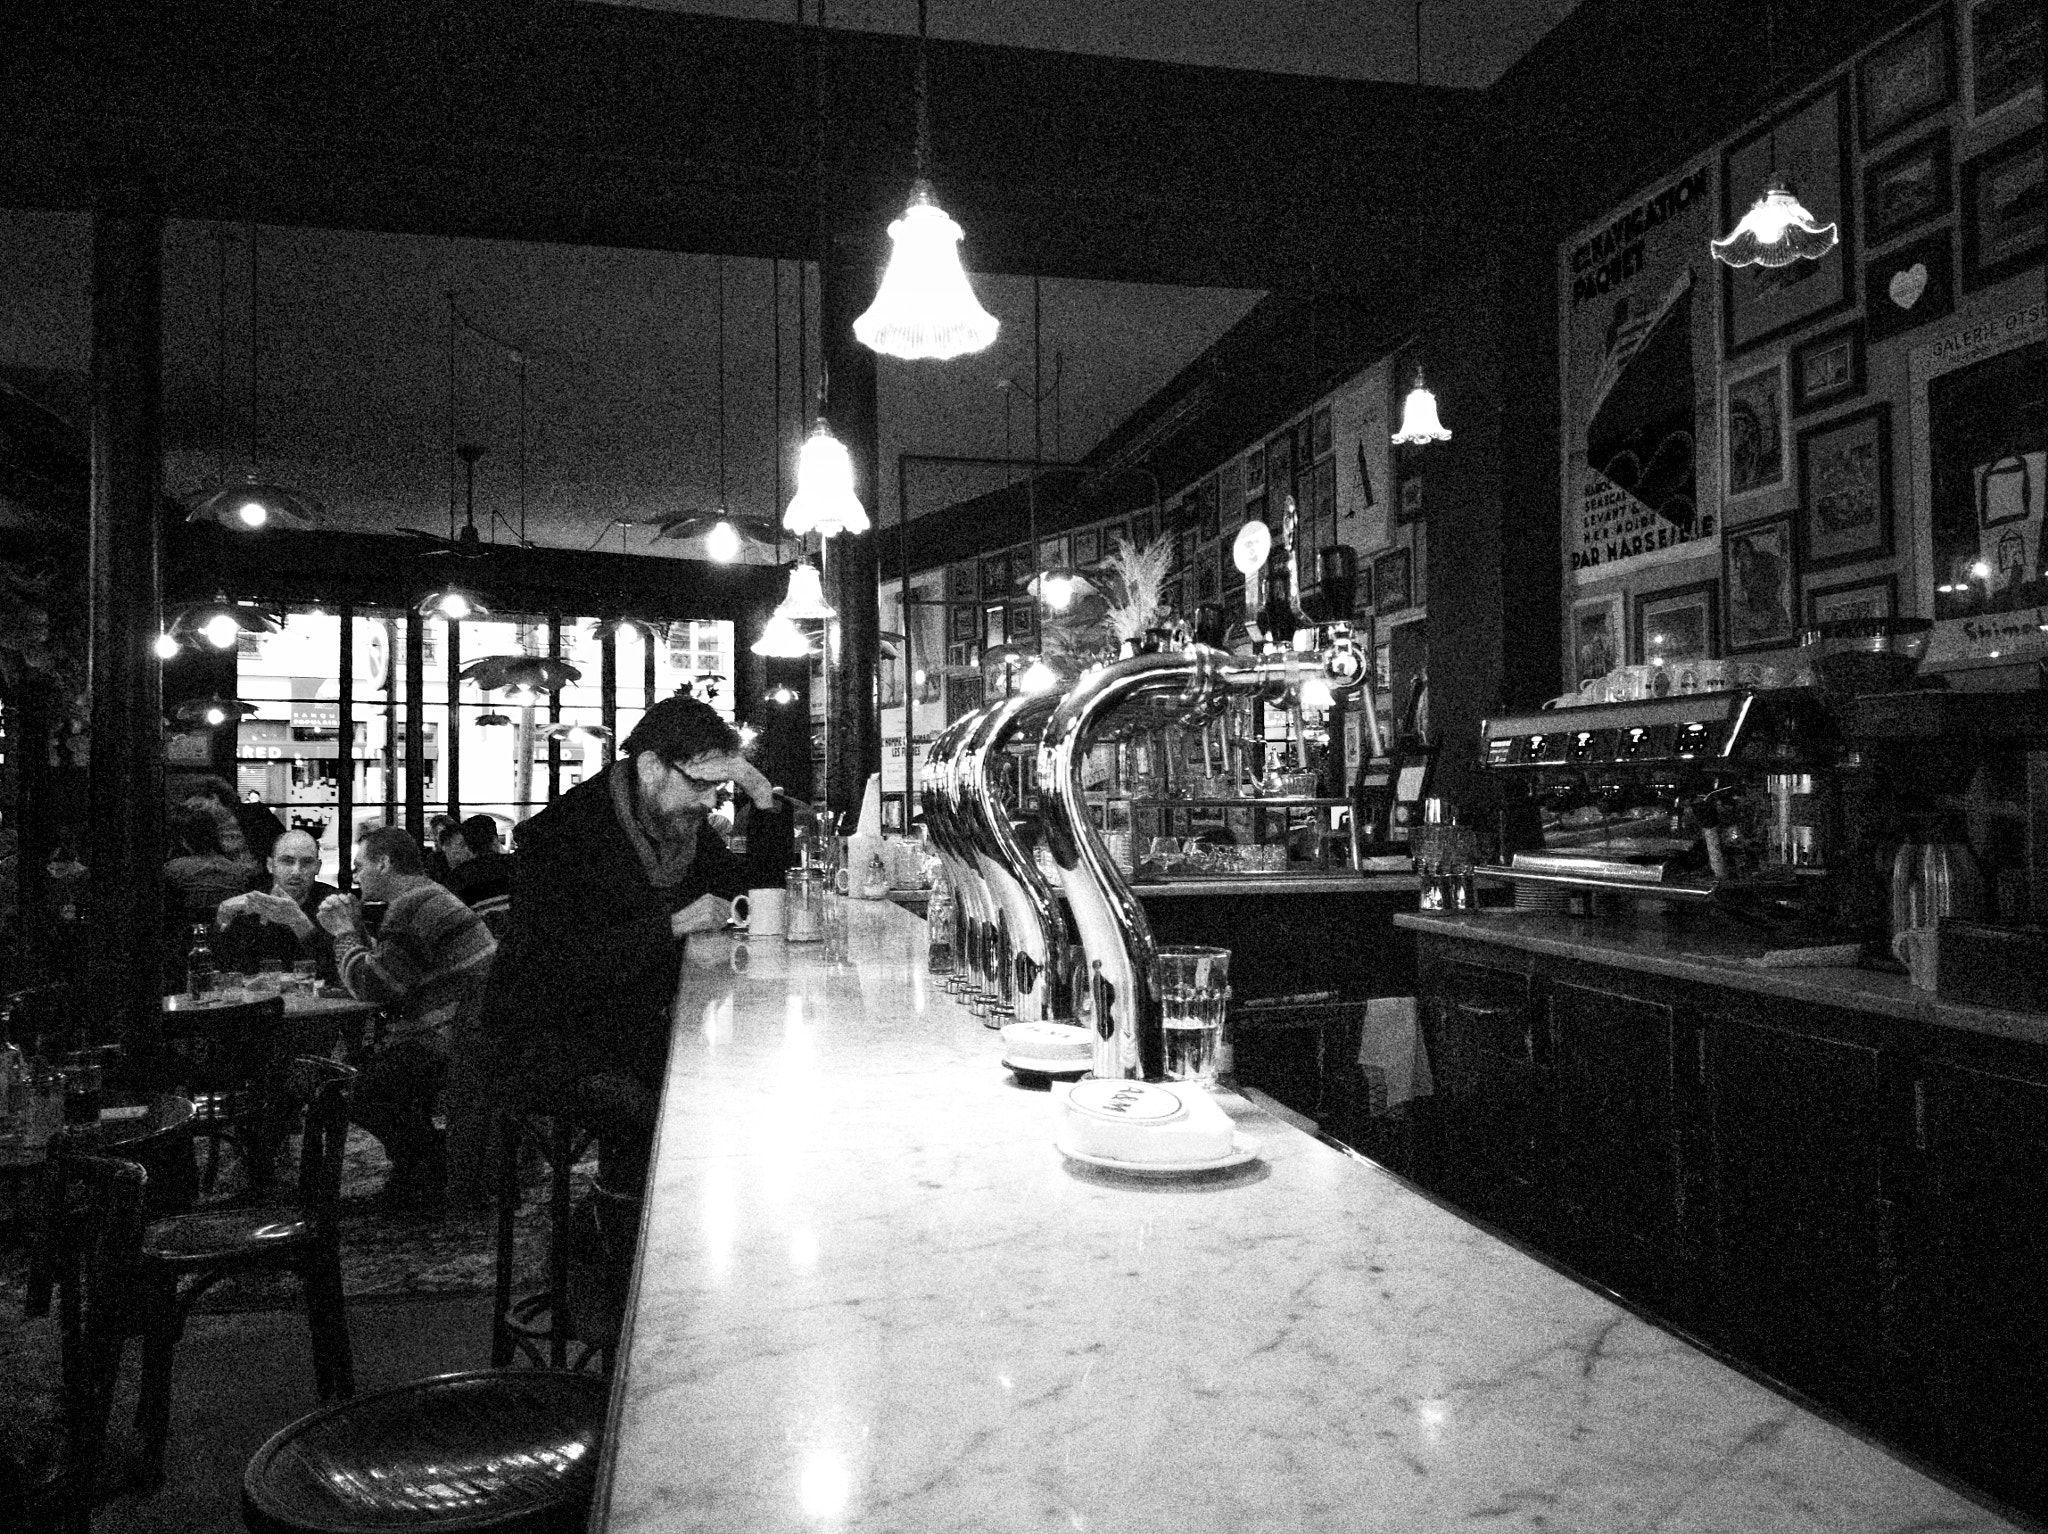 Bistrot / Bar - 2019, Paris in 2020   Bar, Paris, Alley